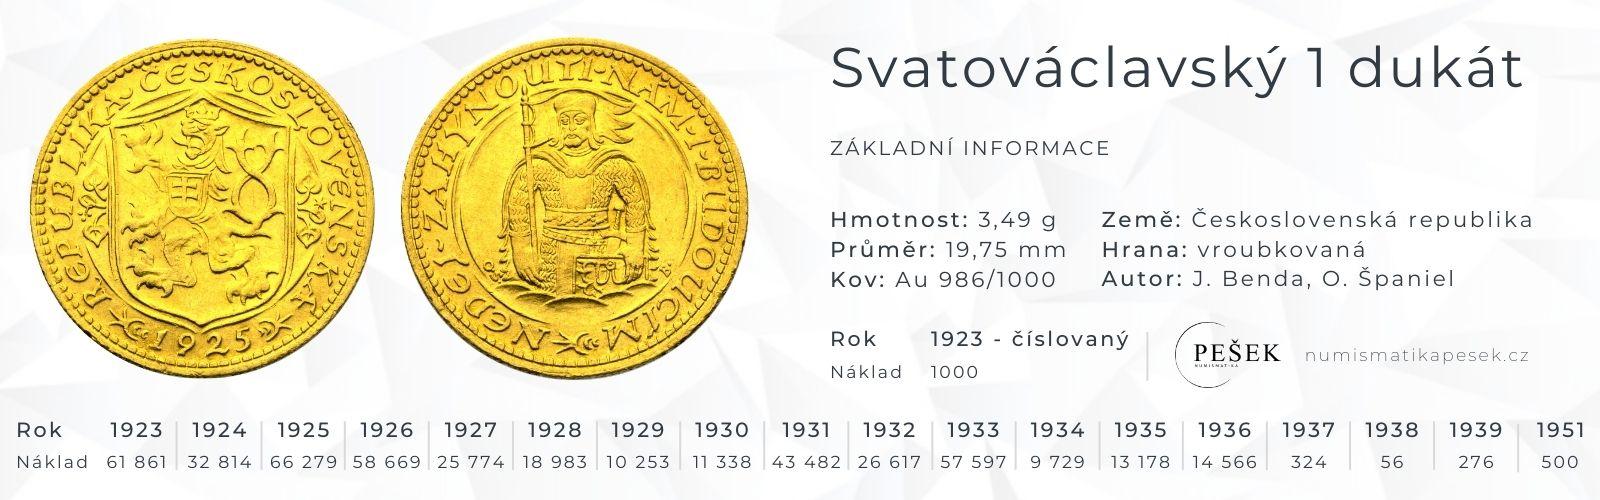 svatovaclavsky-1-dukat